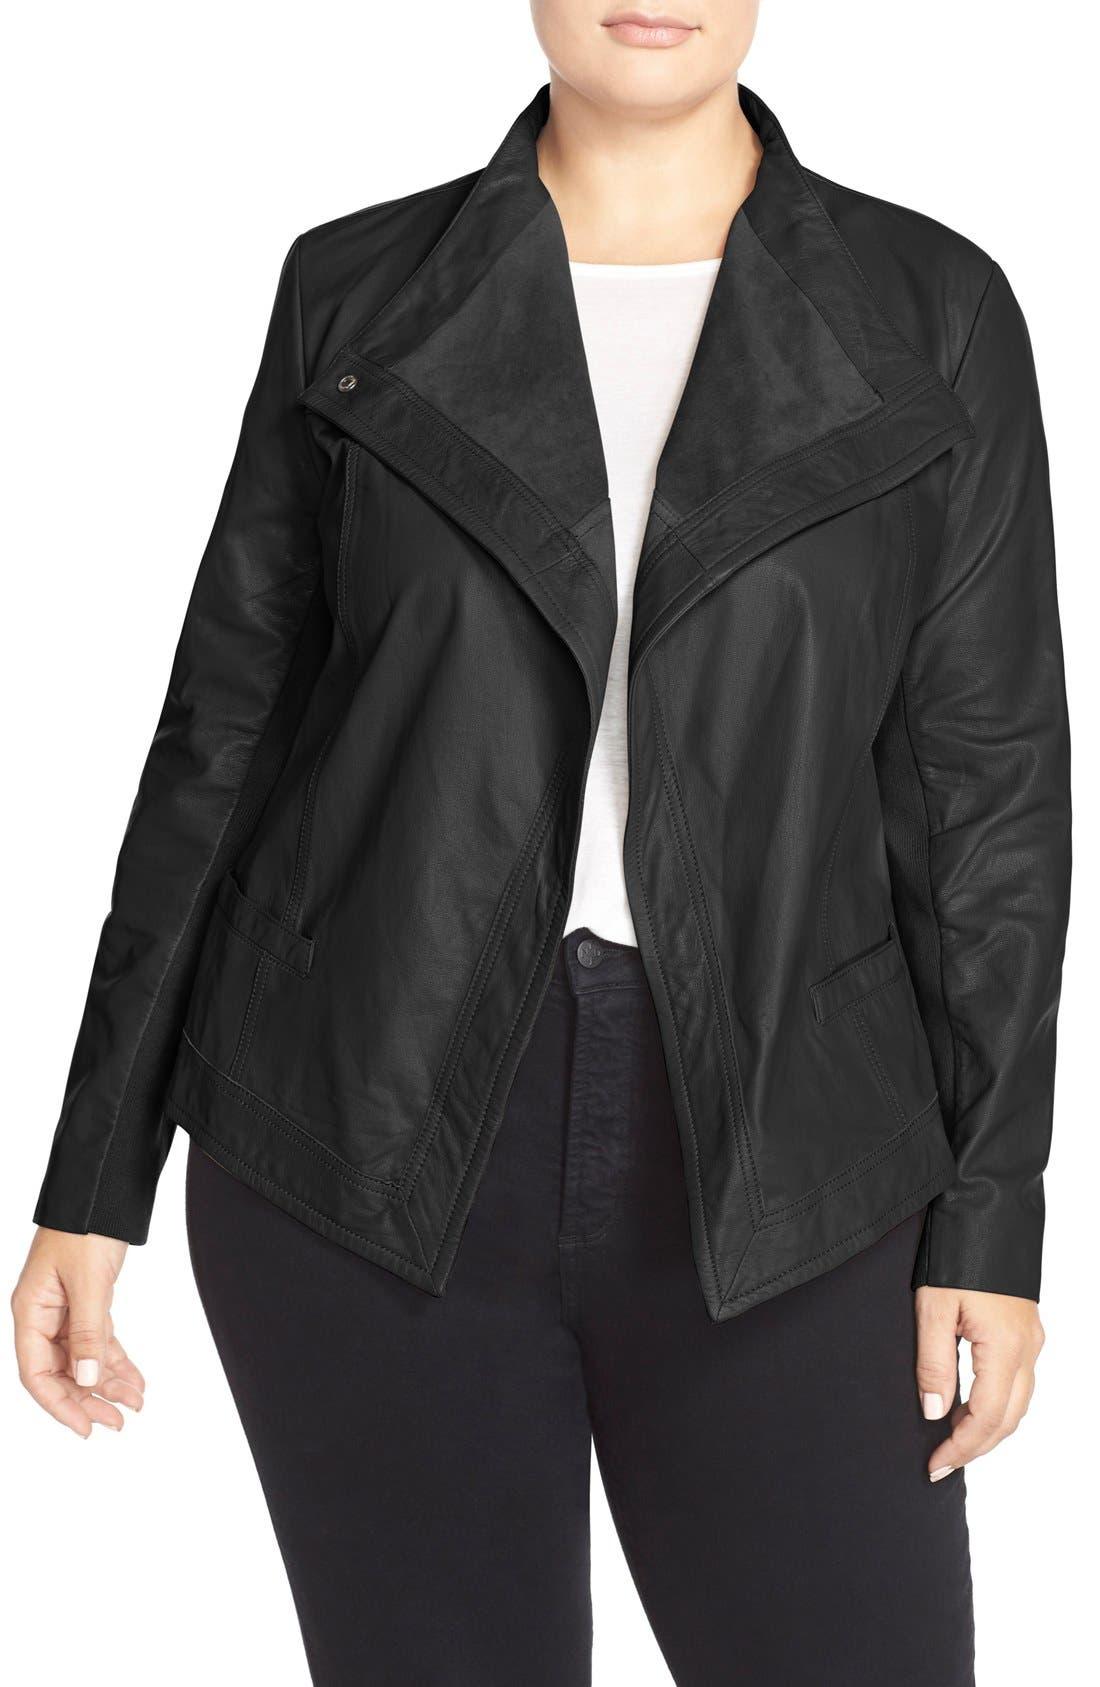 SEJOUR Asymmetrical Leather Jacket, Main, color, 002